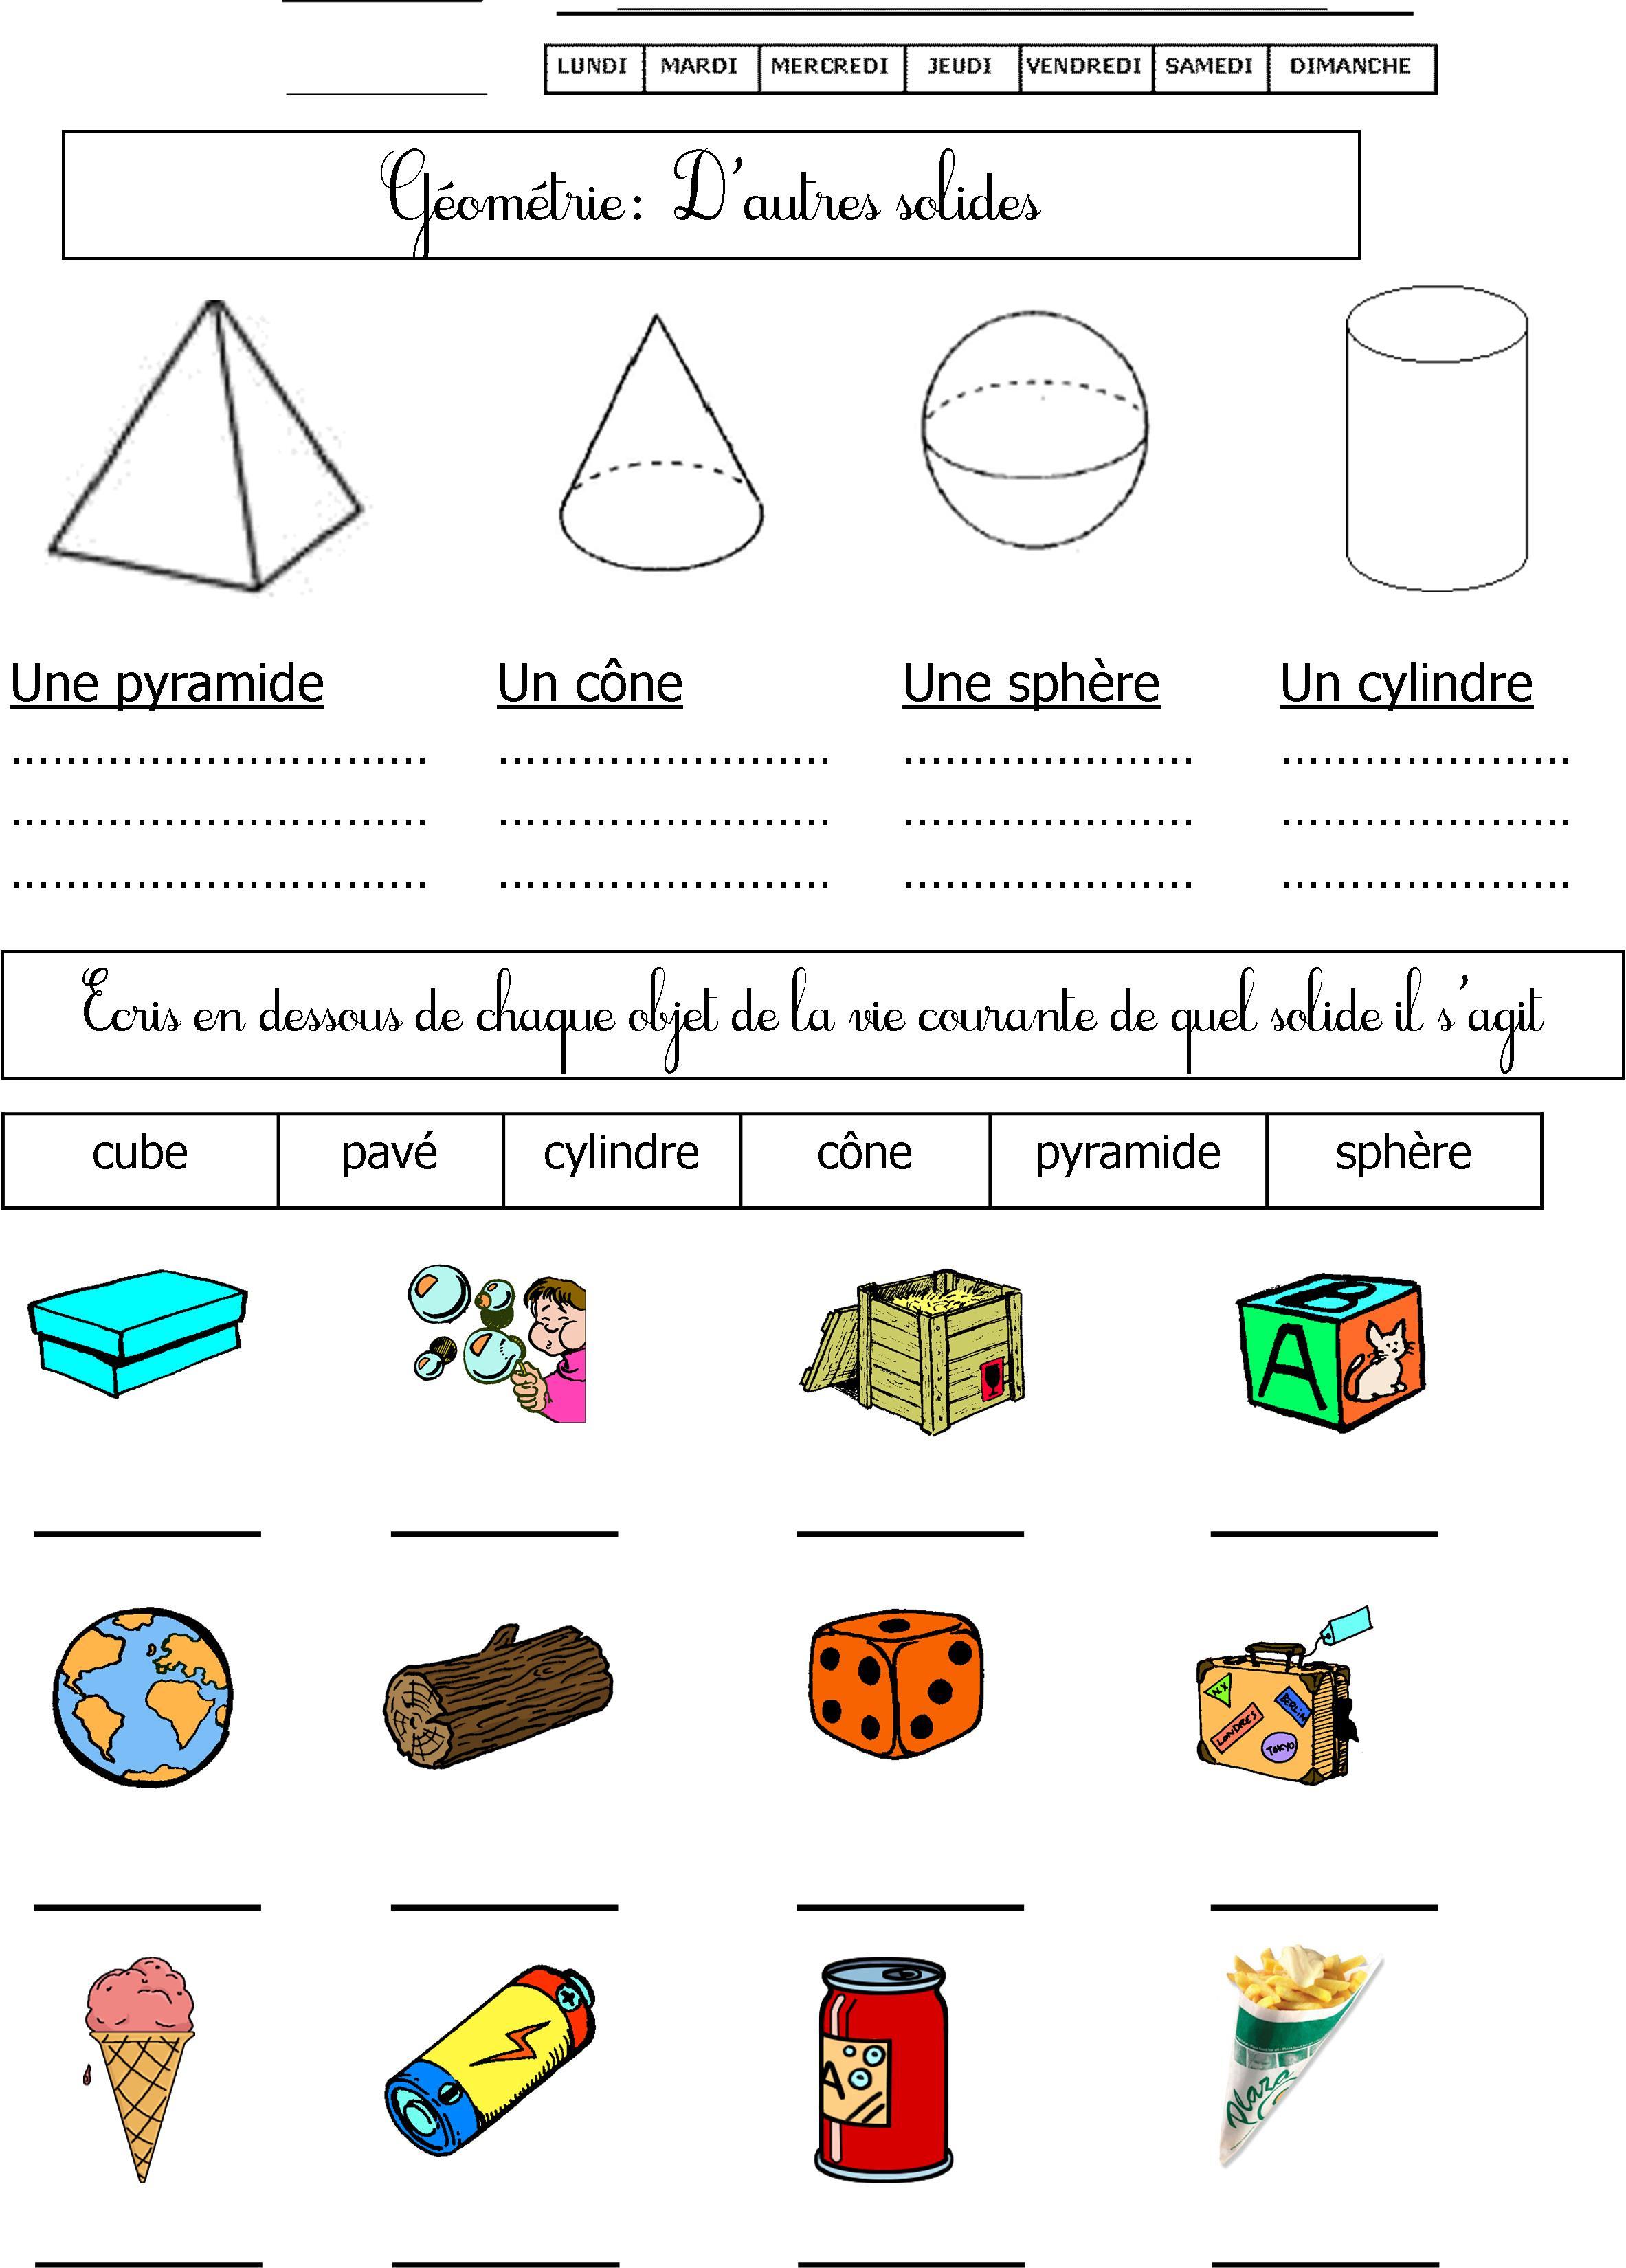 Géométrie Cp | Le Blog De Monsieur Mathieu destiné Fiche Géométrie Cp